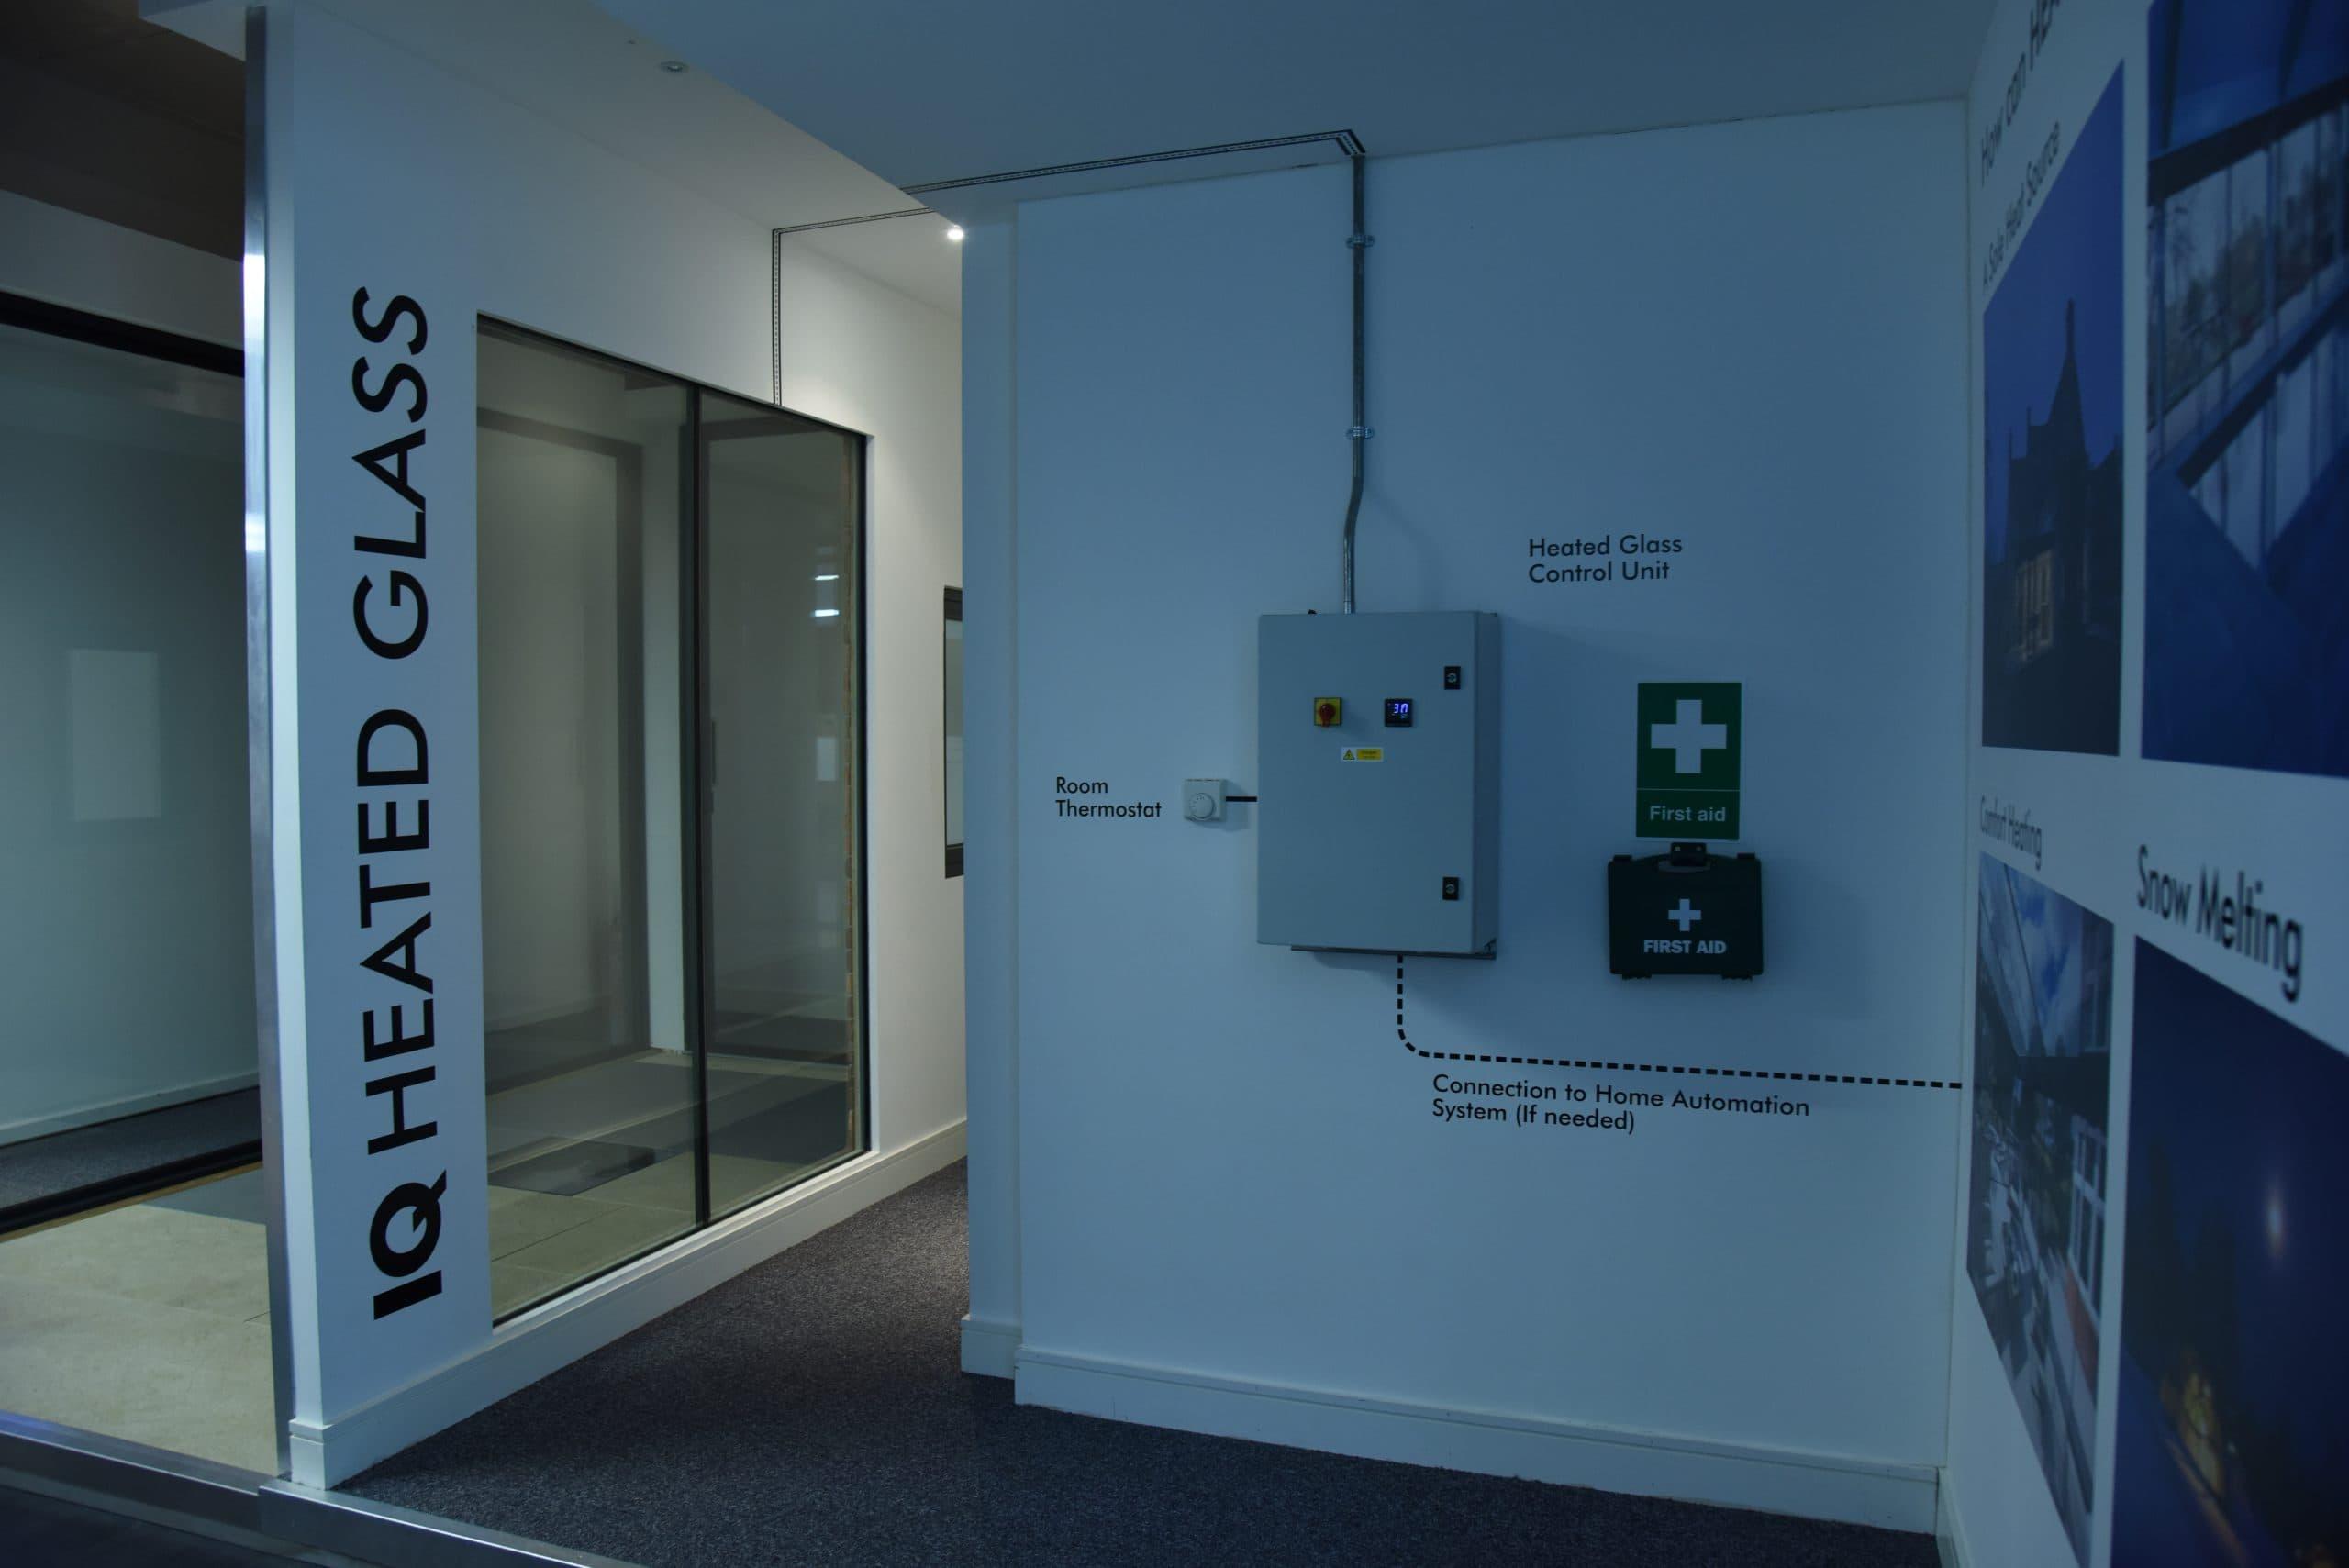 heated glass display at the Iq showroom in Amersham